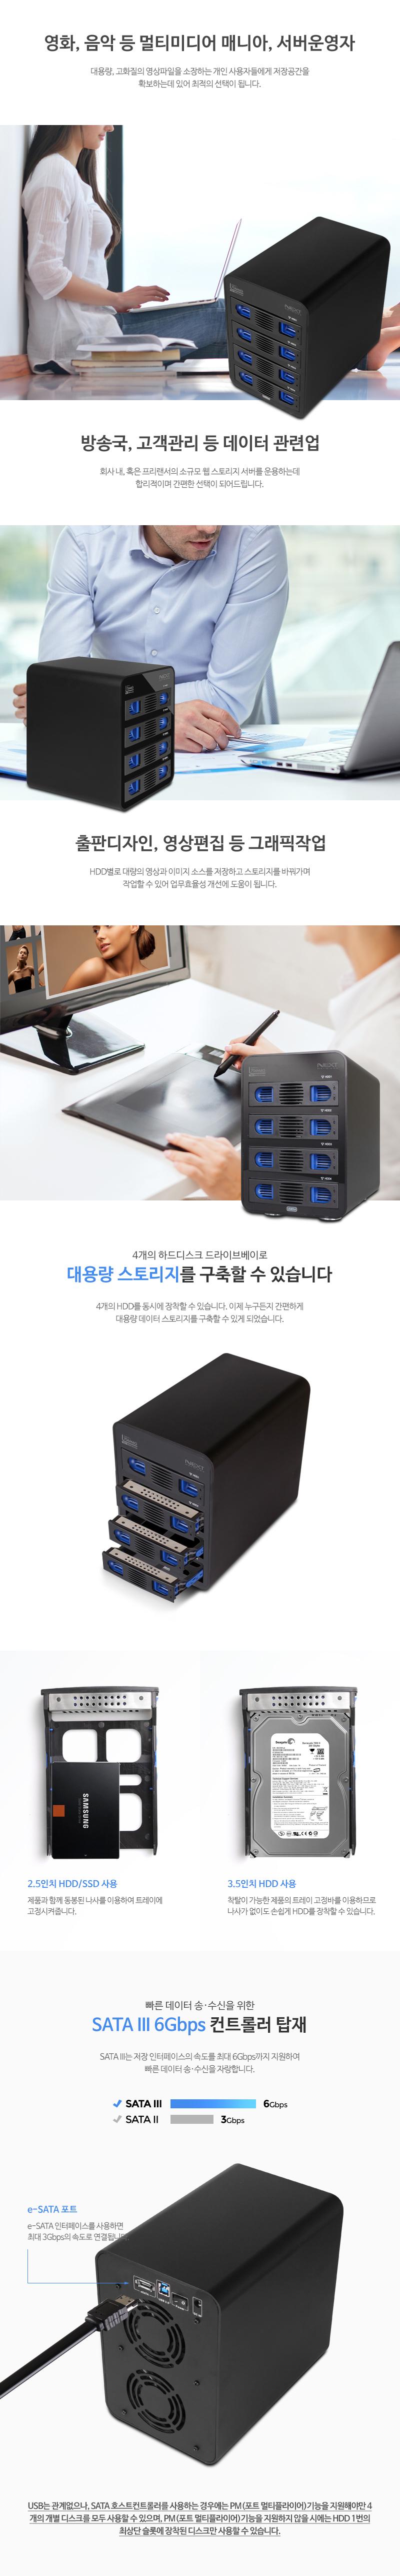 이지넷유비쿼터스 넥스트 NEXT-706M6G (56TB)